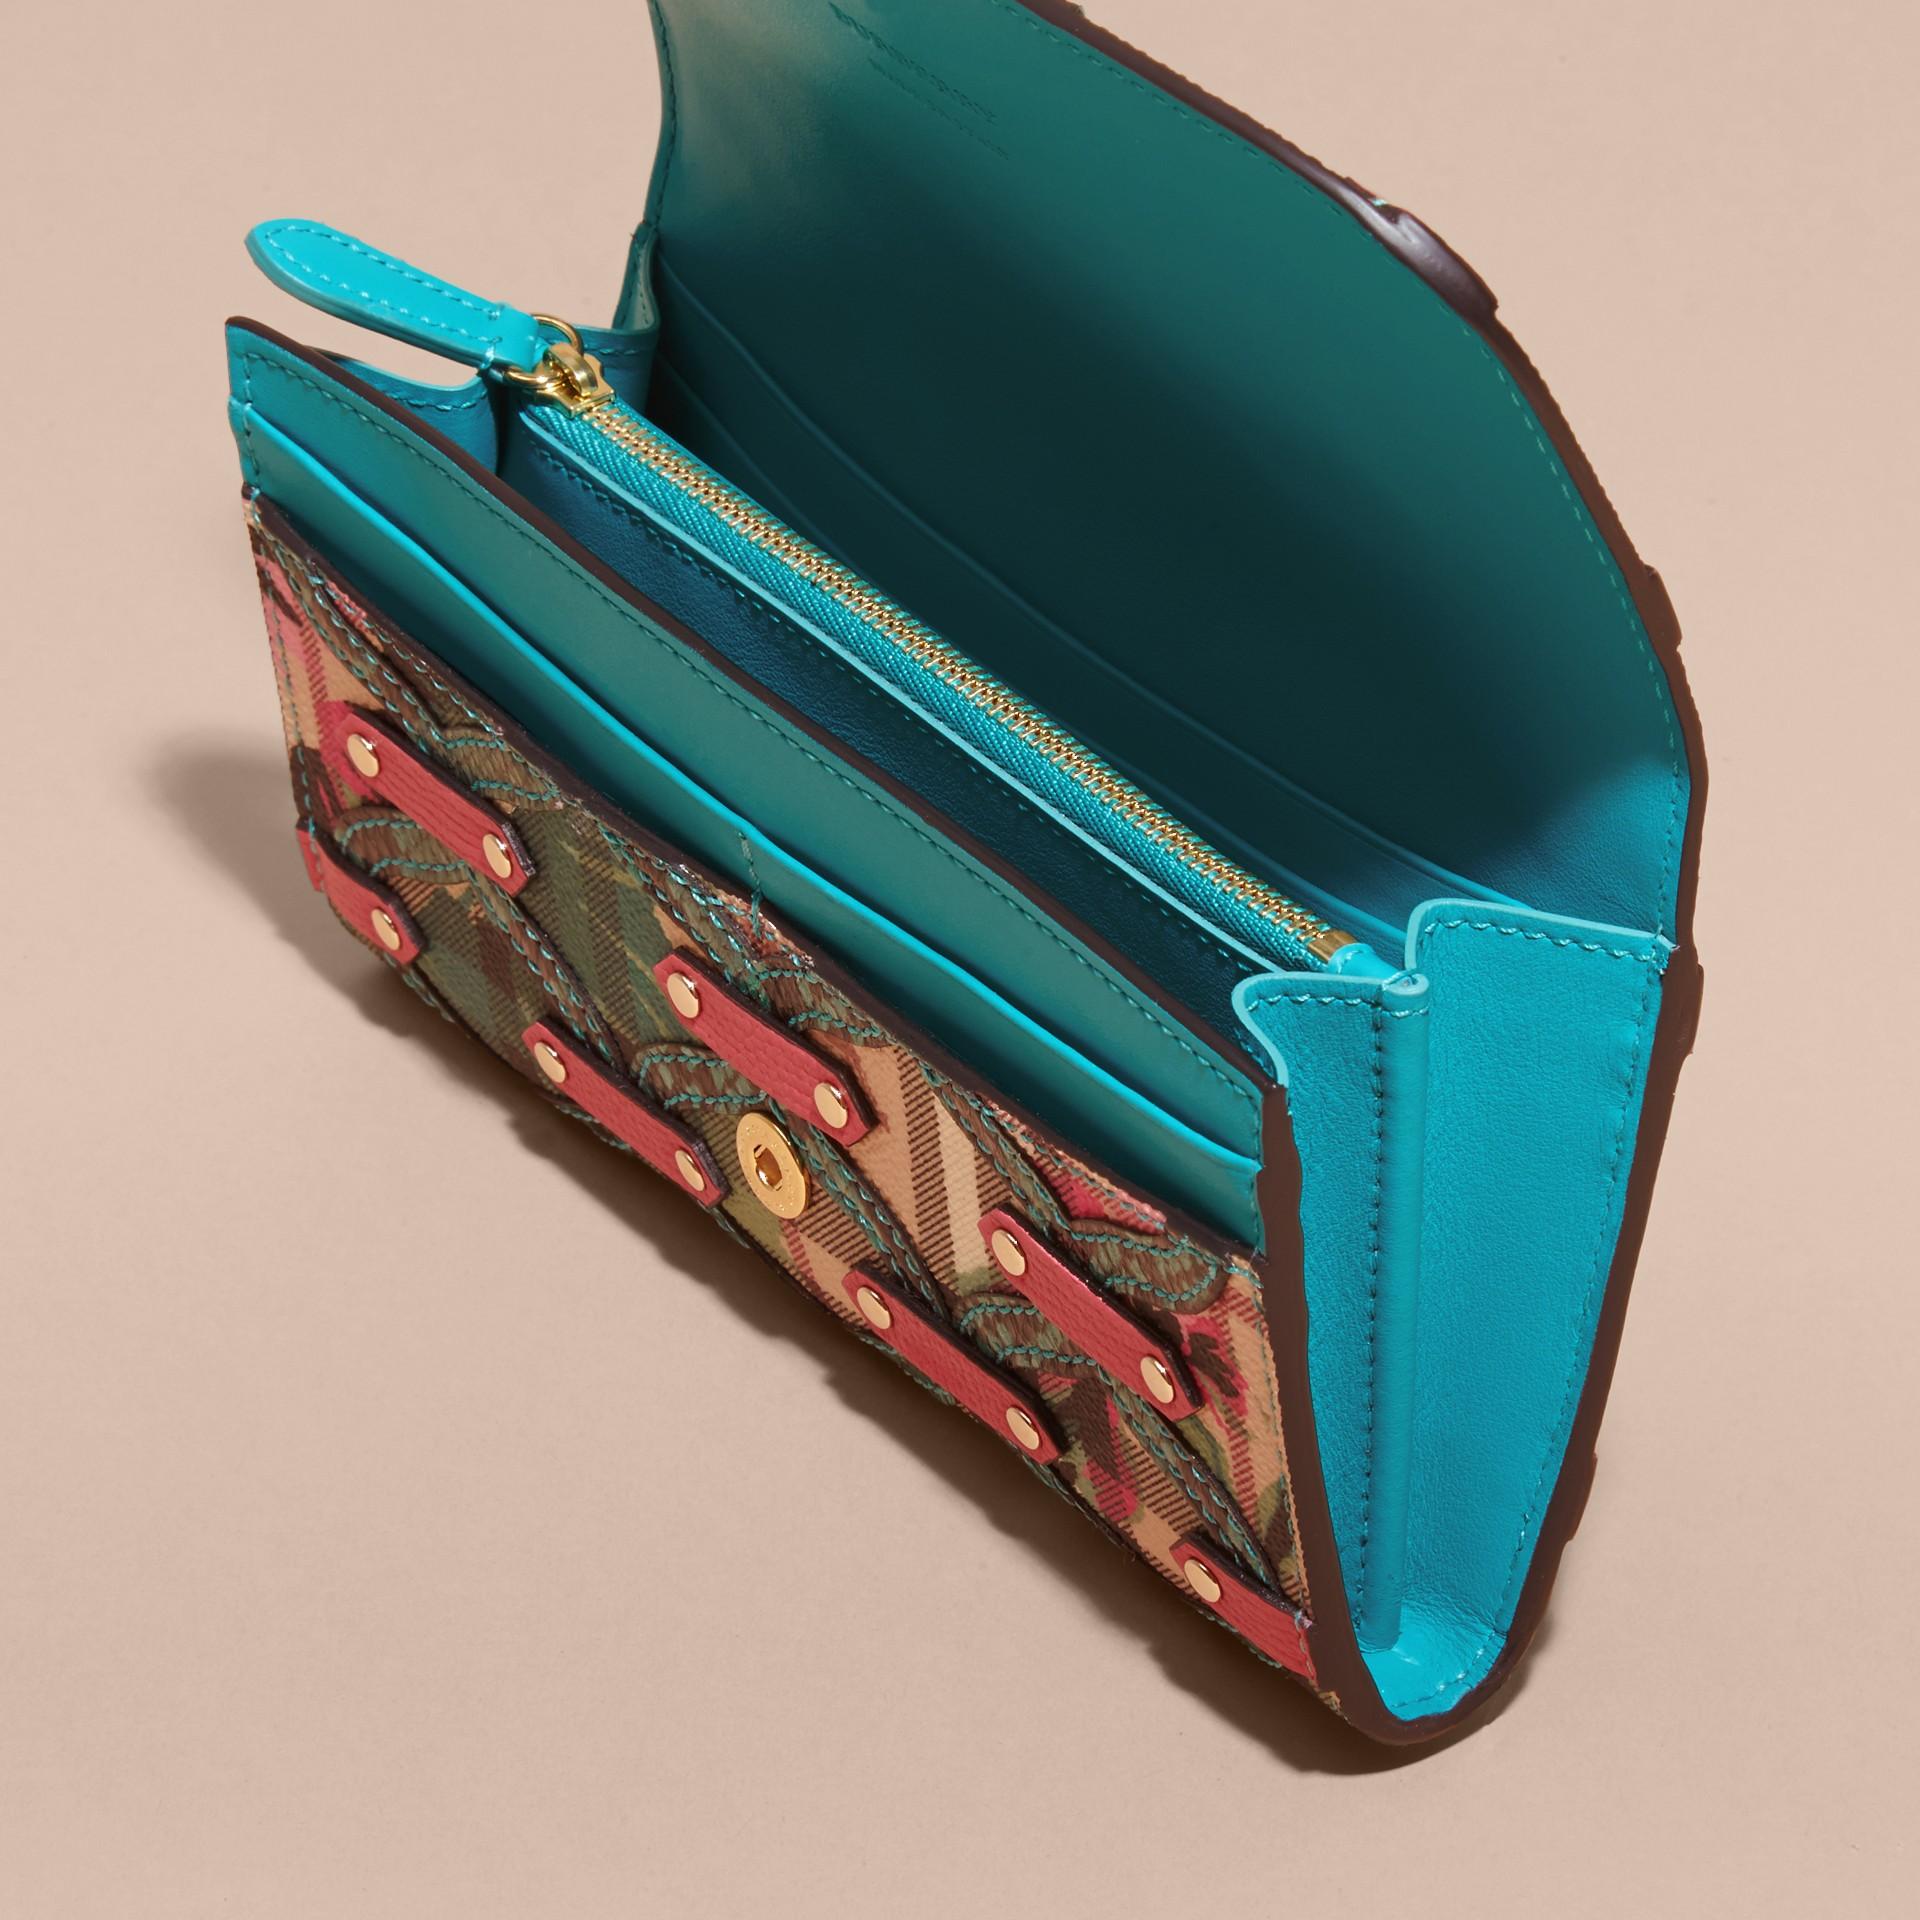 Blu minerale Portafoglio continental con motivo Haymarket check, peonie stampate e applicazioni in pelle di serpente Blu Minerale - immagine della galleria 5